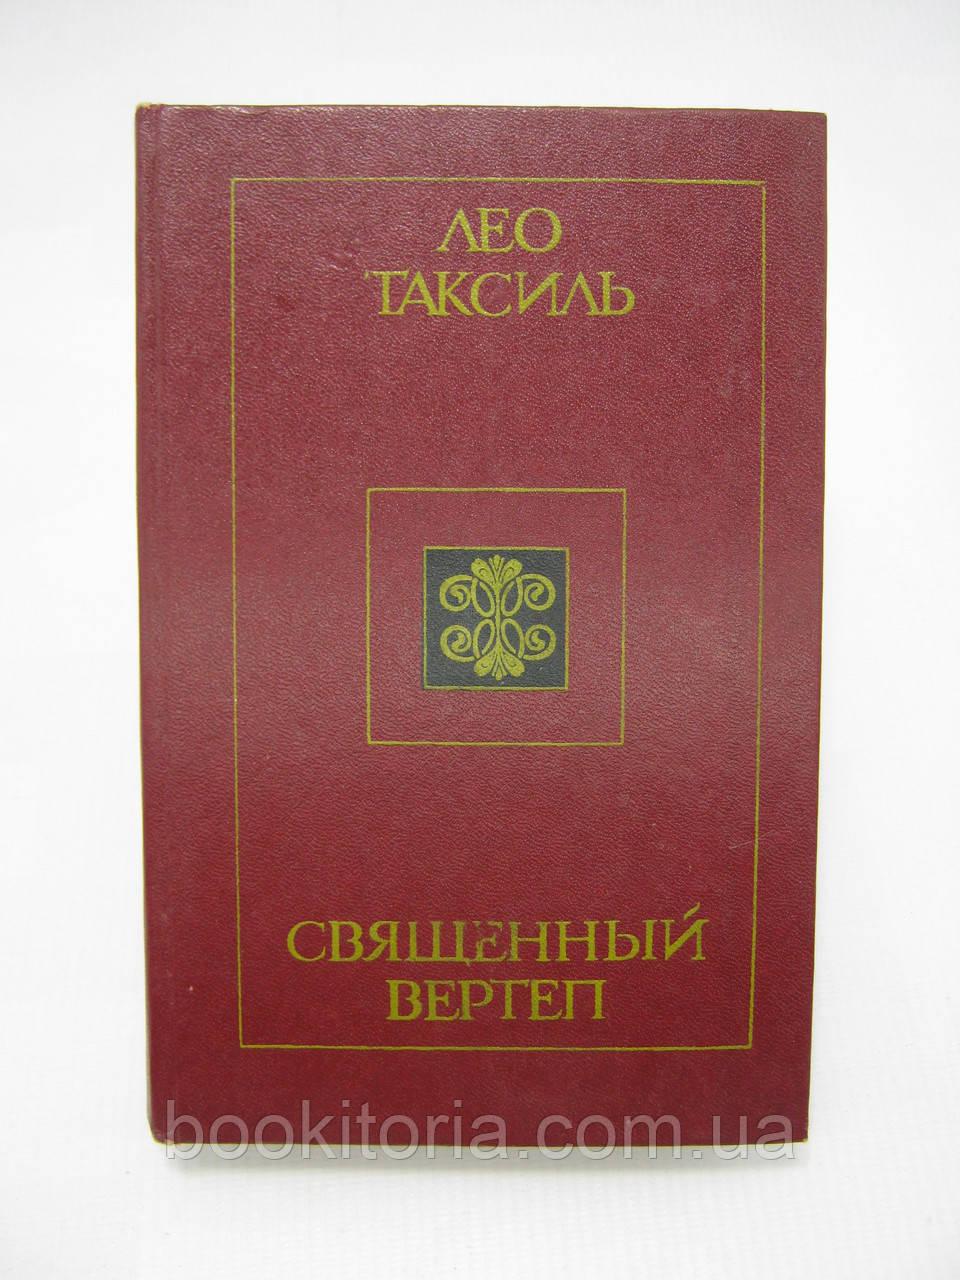 Таксиль Л. Священный вертеп (б/у).